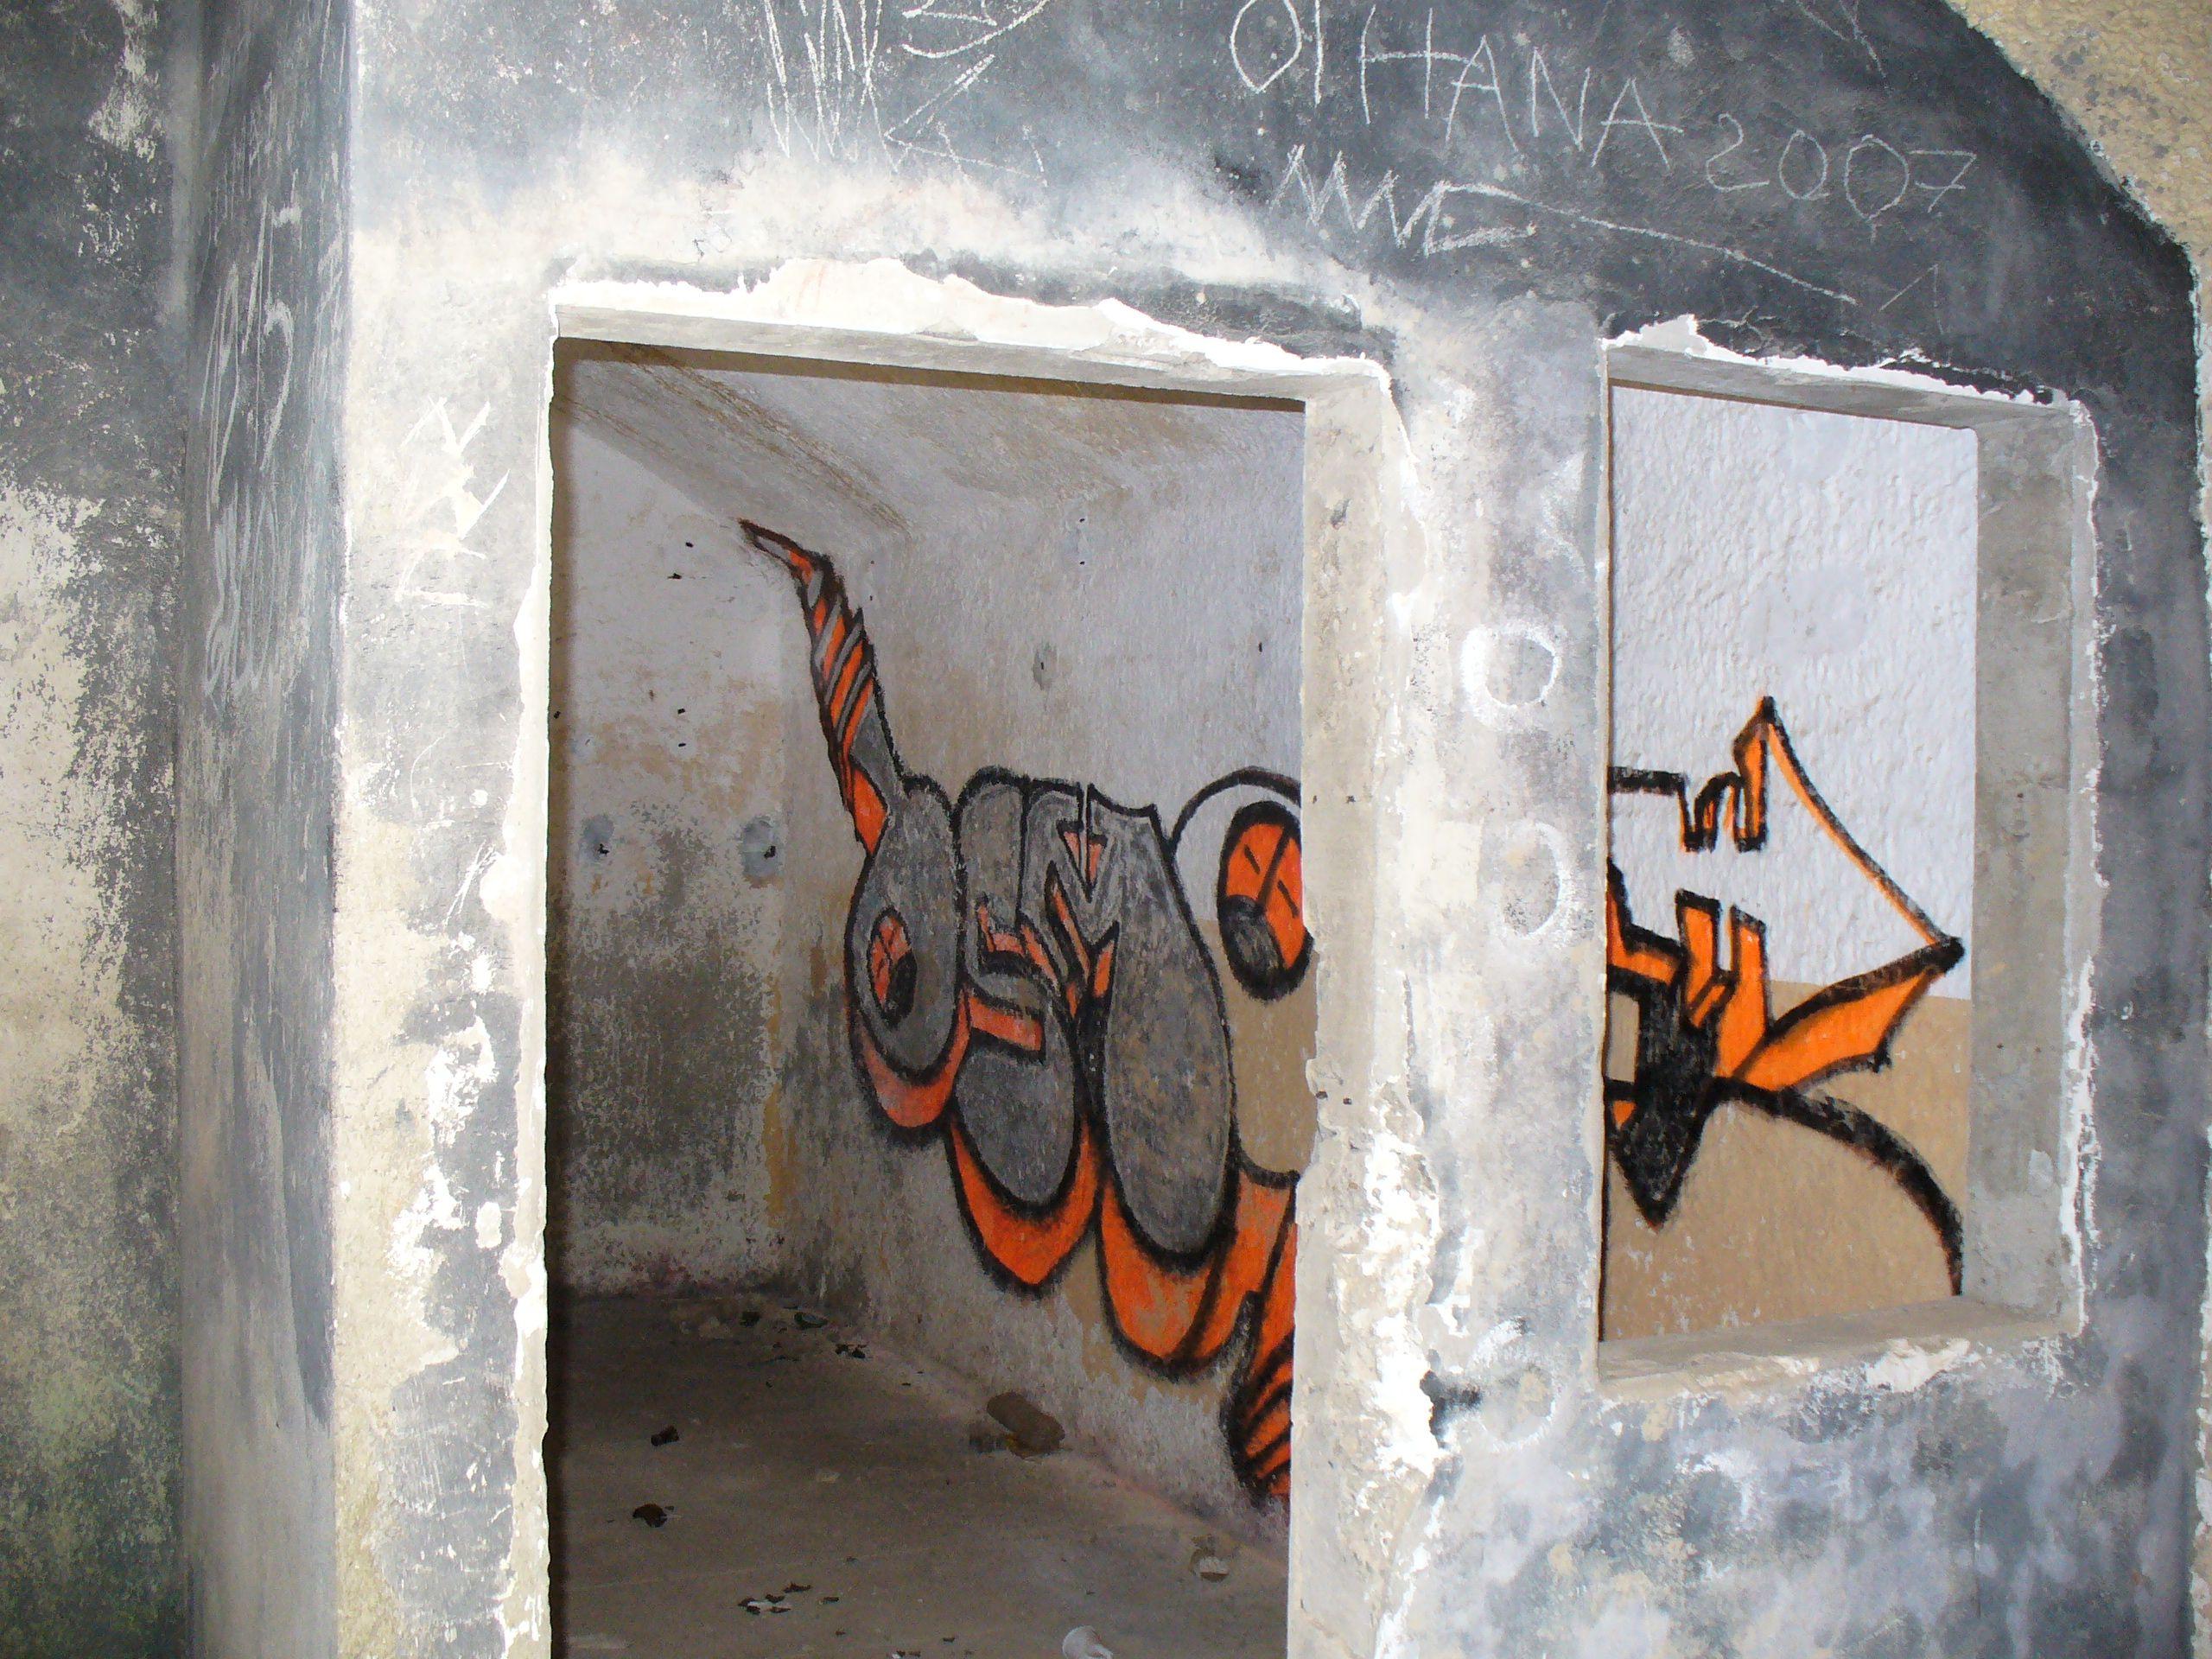 Pin by gilles valerie on street art pinterest street art